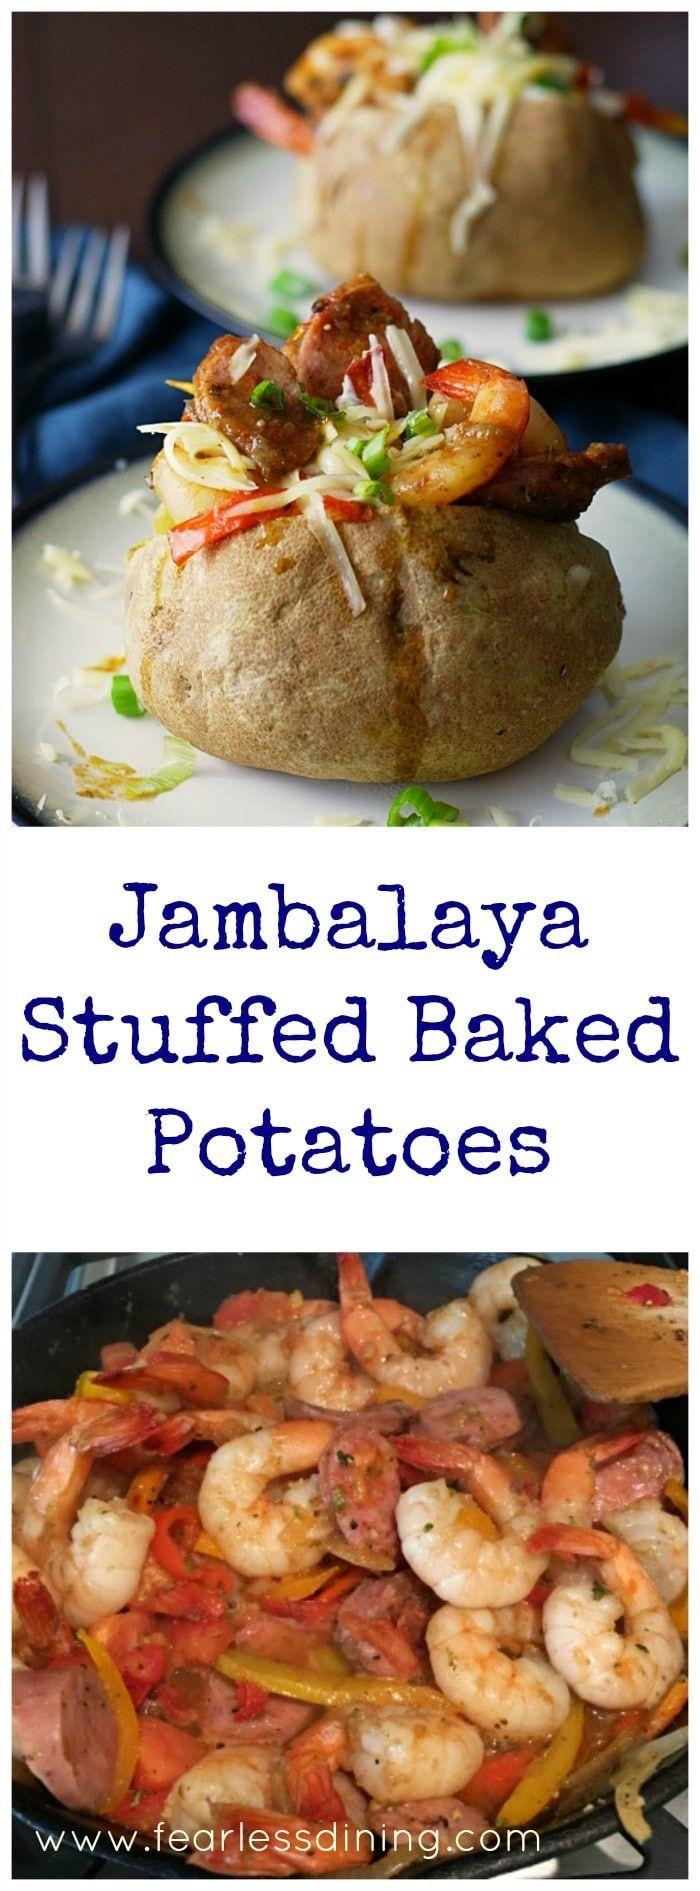 61 Best Jambalaya Recipes Featuring Zatarain S Mixes And